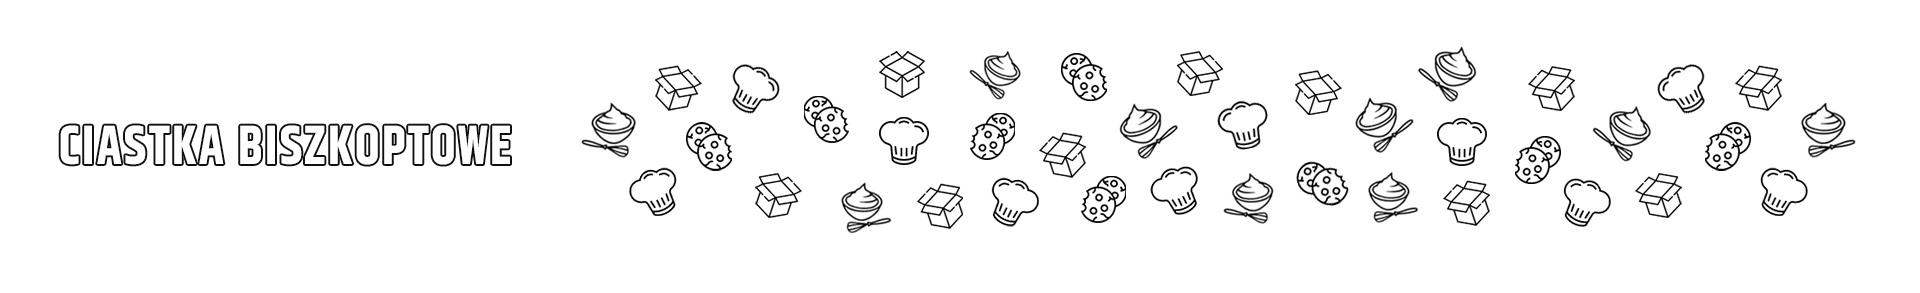 jiw ciastka biszkoptowe